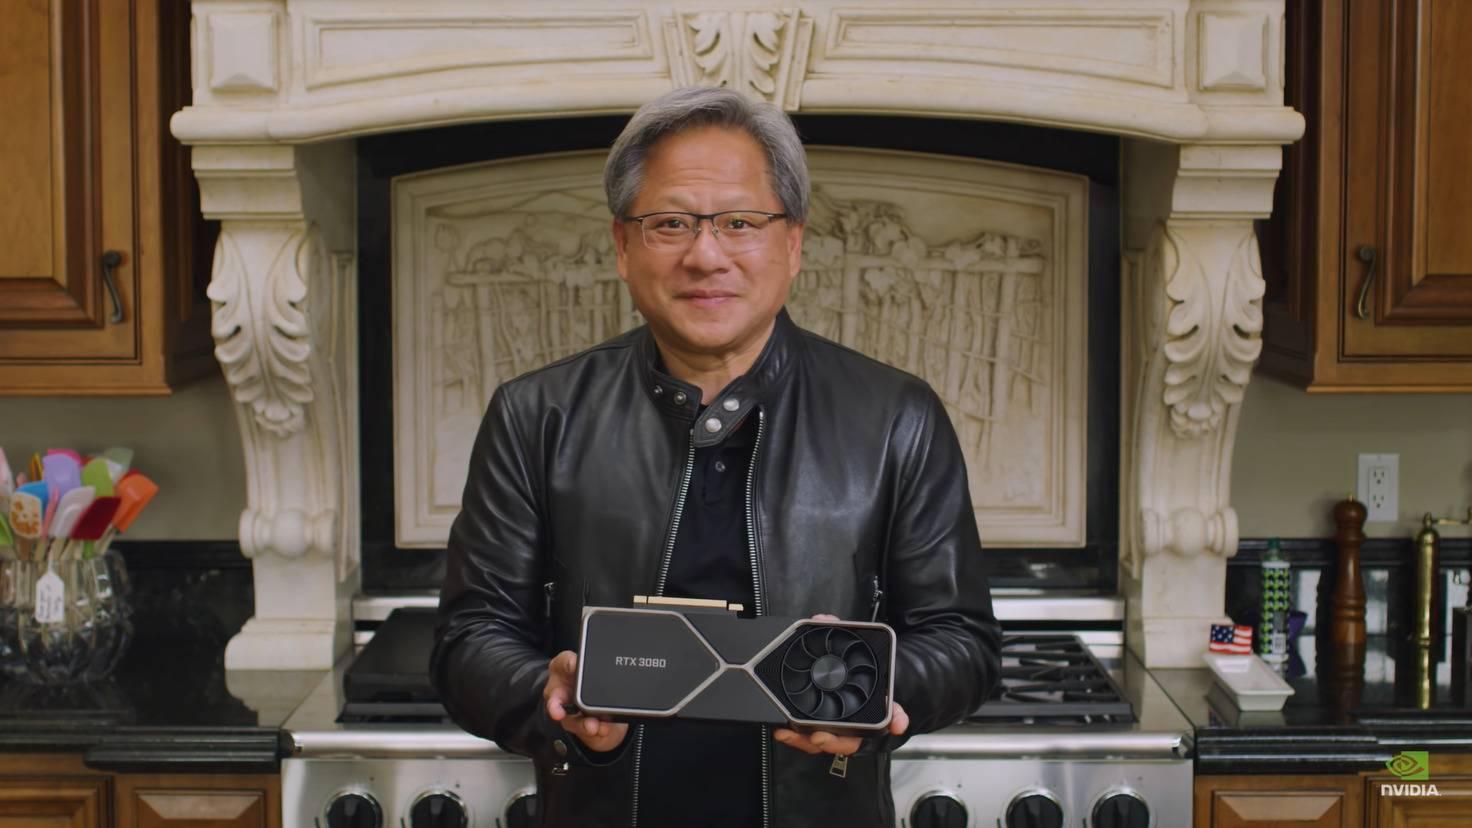 Jen-Hsung-Huang-RTX-3080-Ampere-Grafikkarte